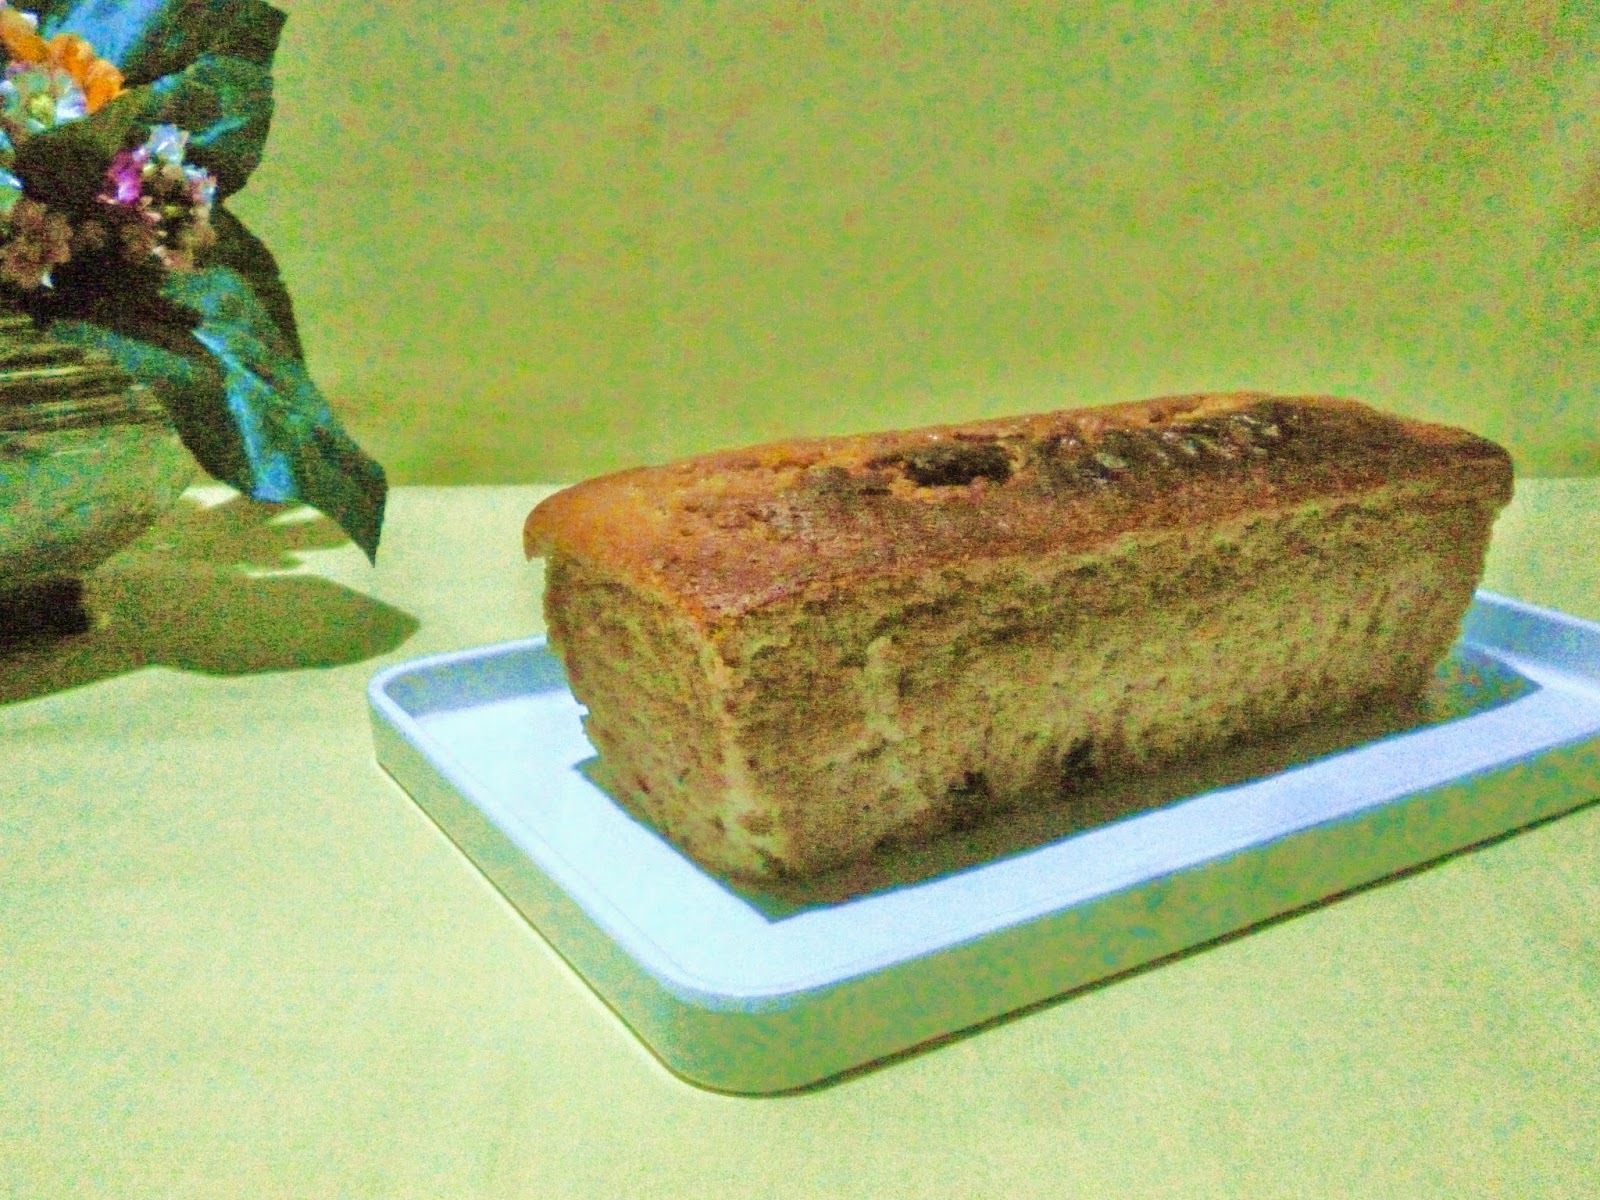 Pancito de maiz